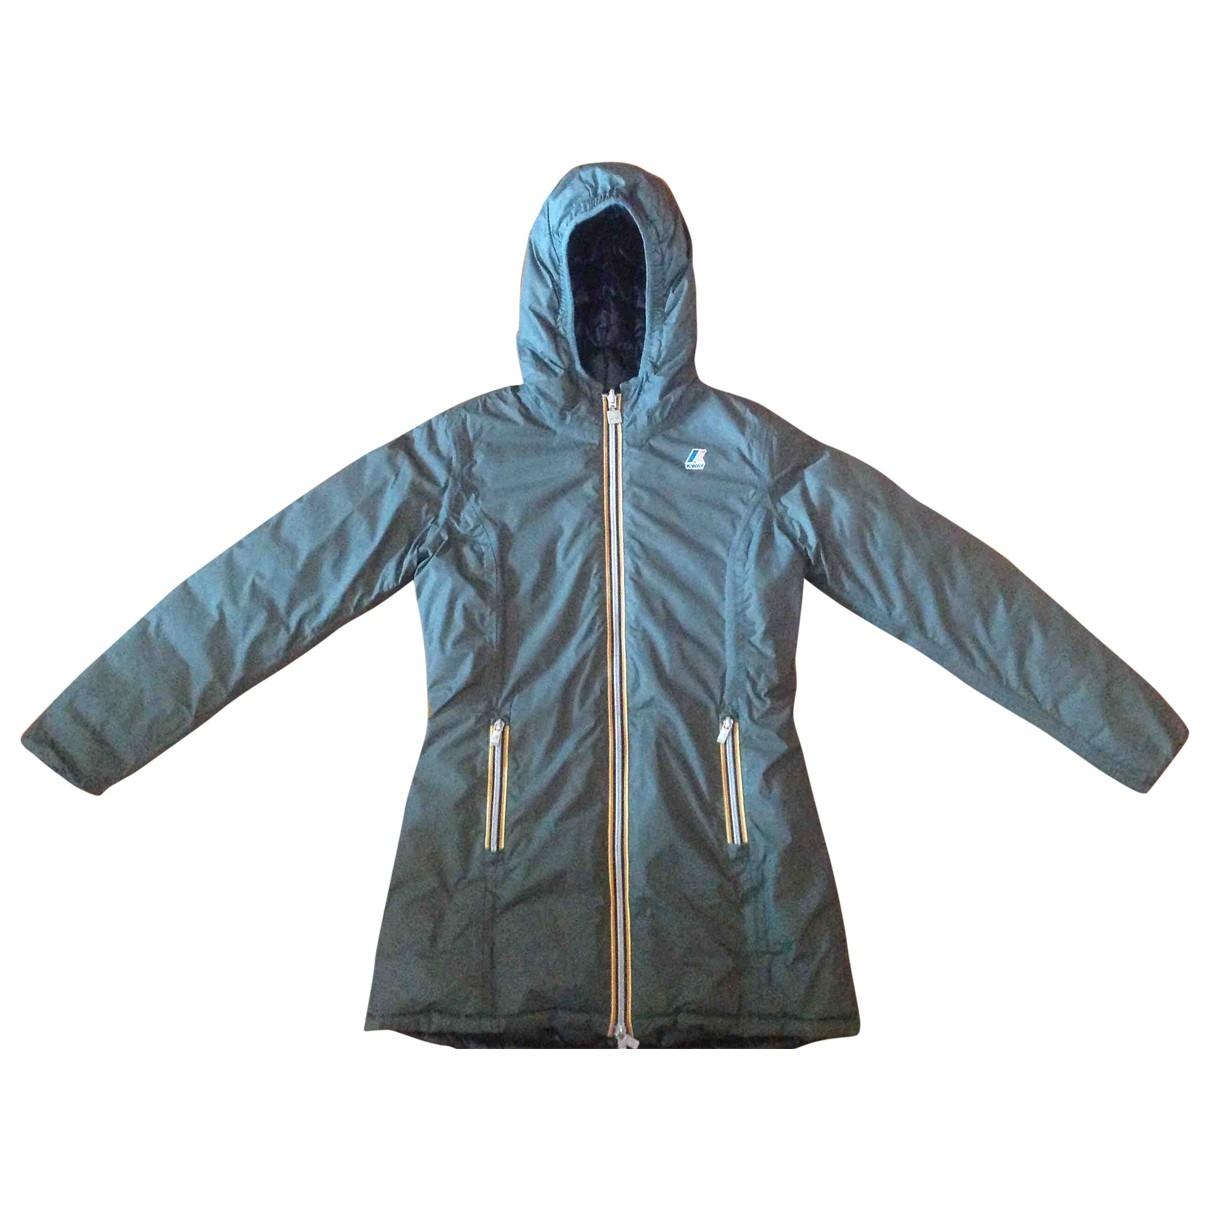 K-way \N jacket & coat for Kids 14 years - S UK